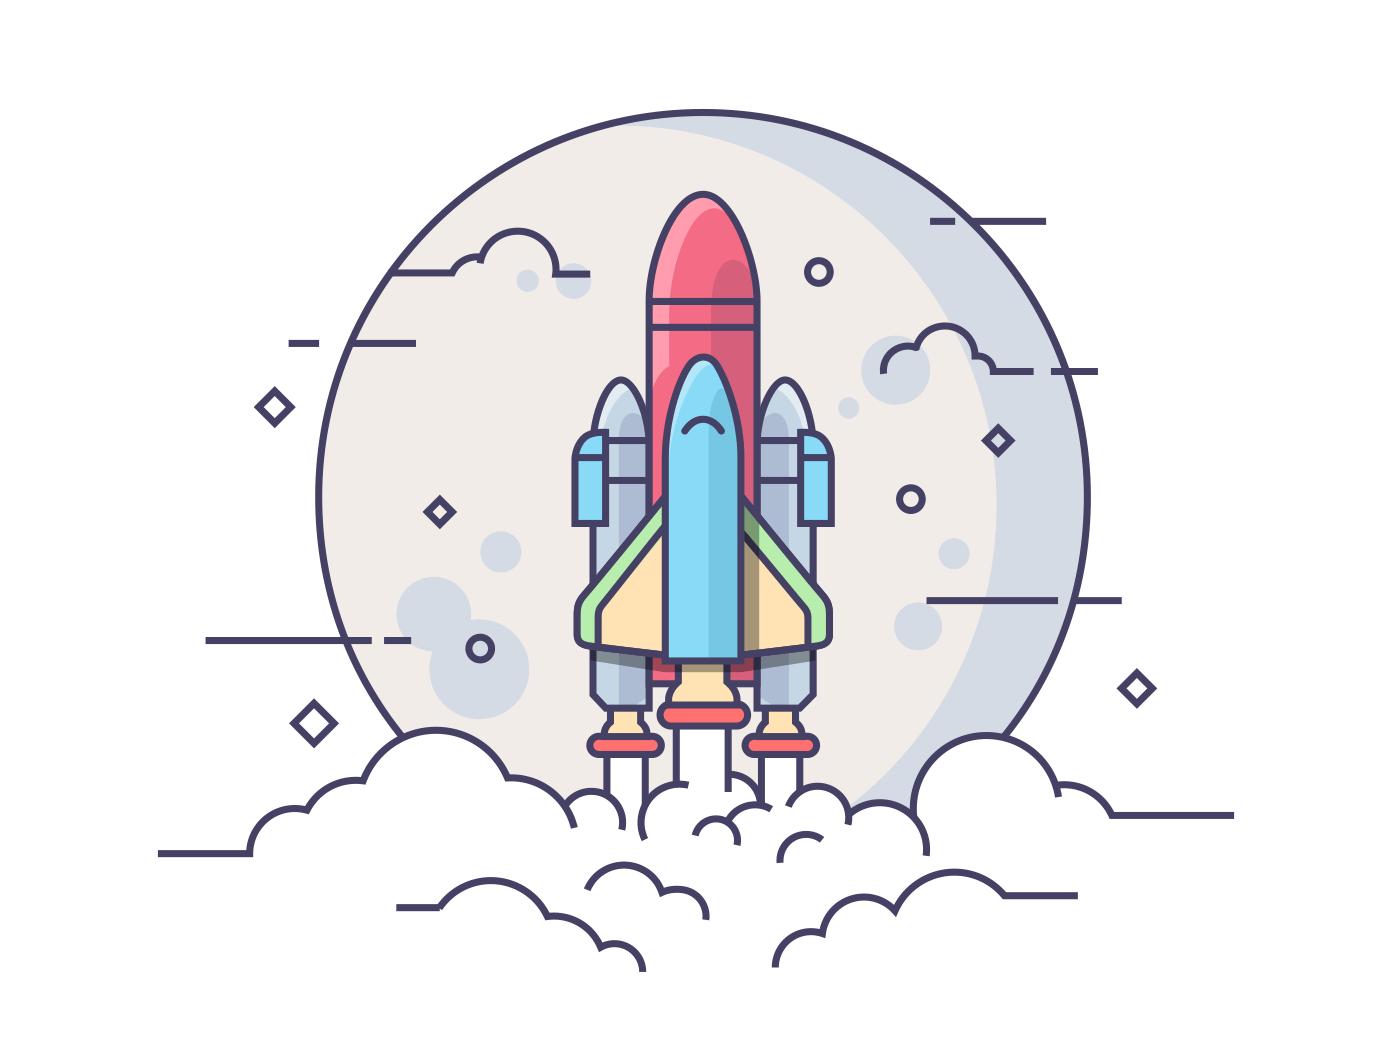 Startup space rocket line vector illustration